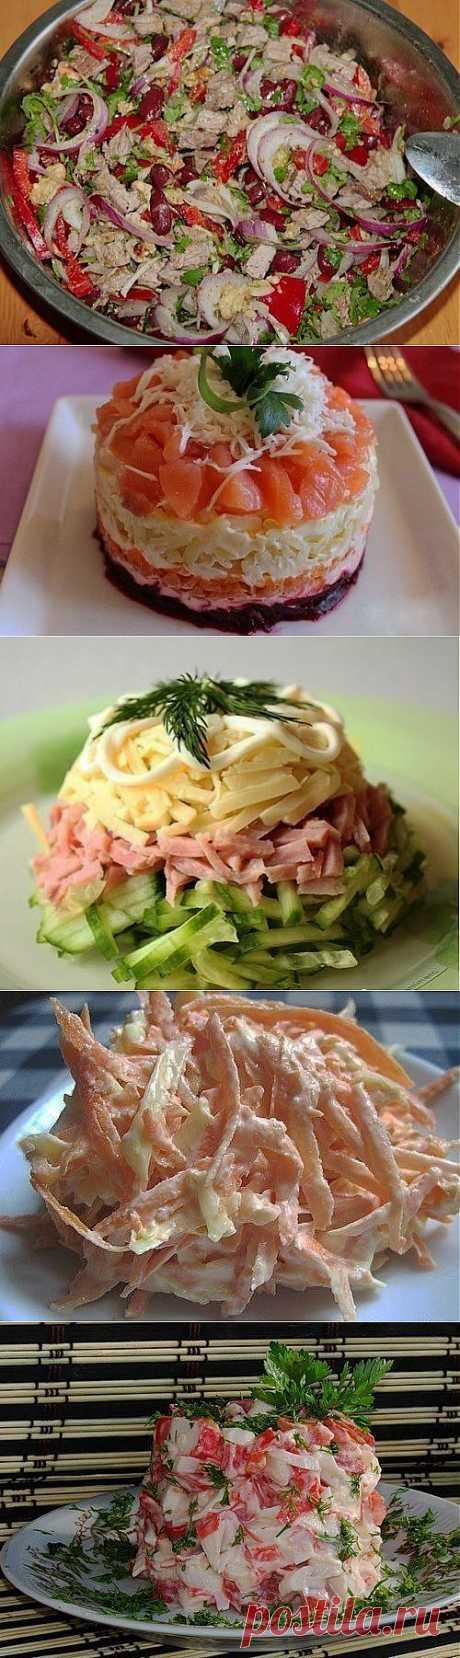 Подборка 10 самых вкусных салатов! Забираем, что бы не потерять!.